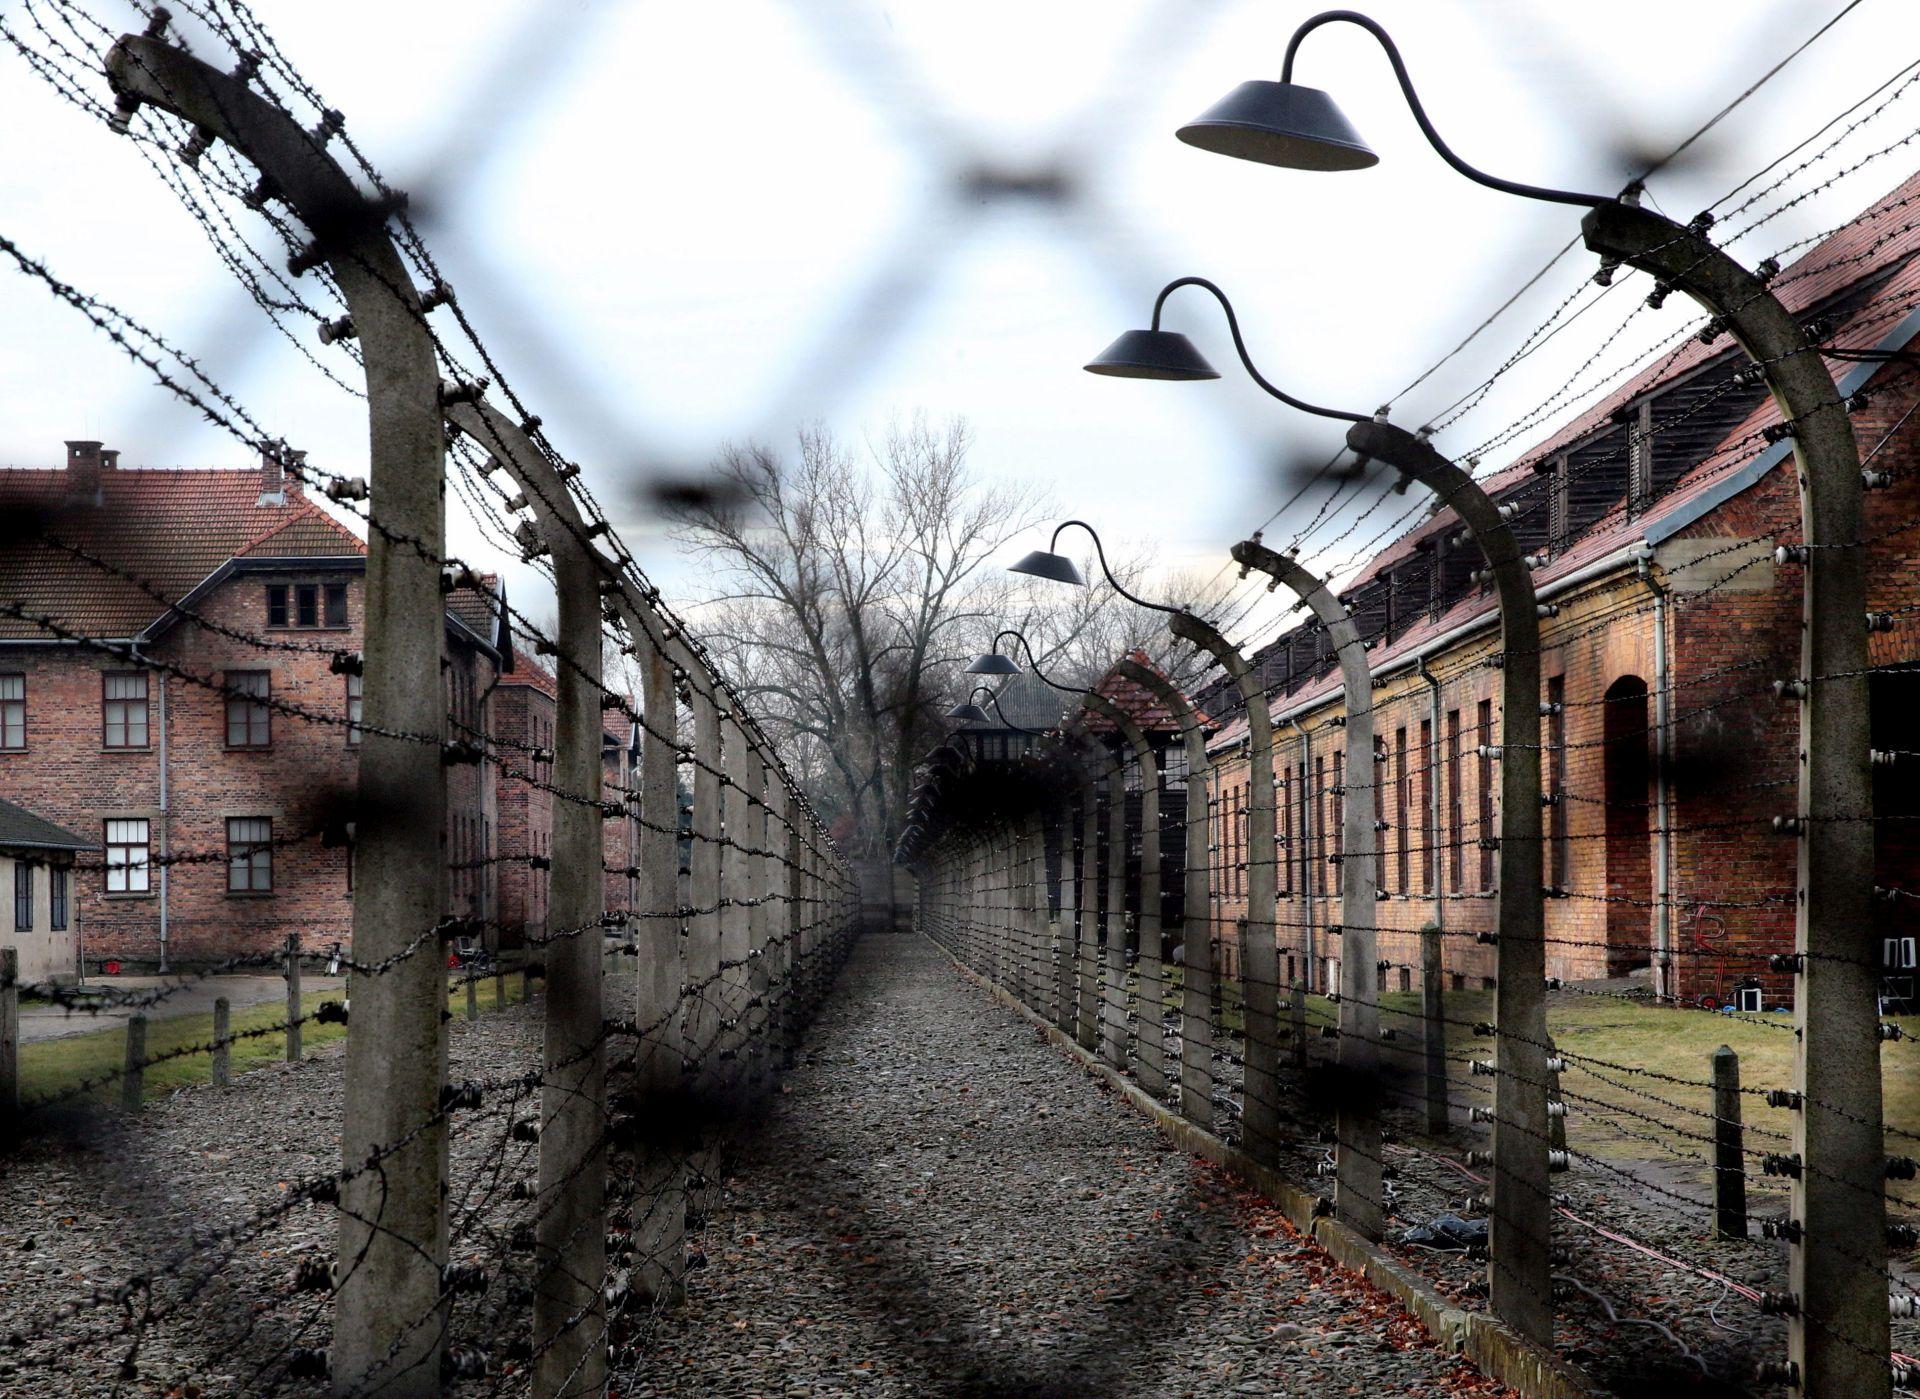 Nacistički zločinac Alois Brunner umro u Siriji 2001.